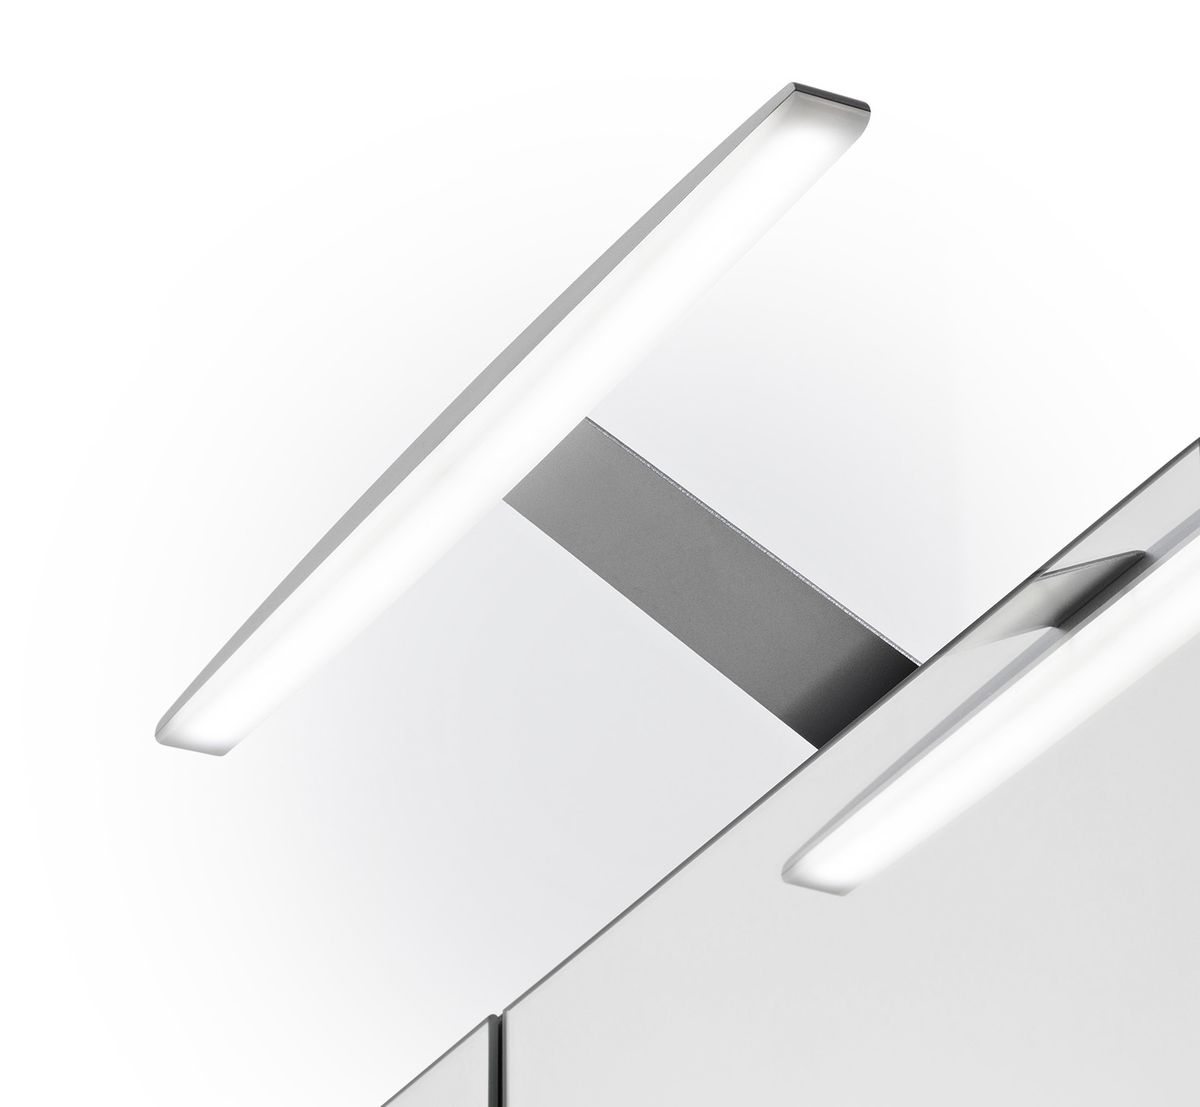 Galdem Spiegelschrank Elegance 70 cm mit Steckdose Beton Weiß – Bild 4